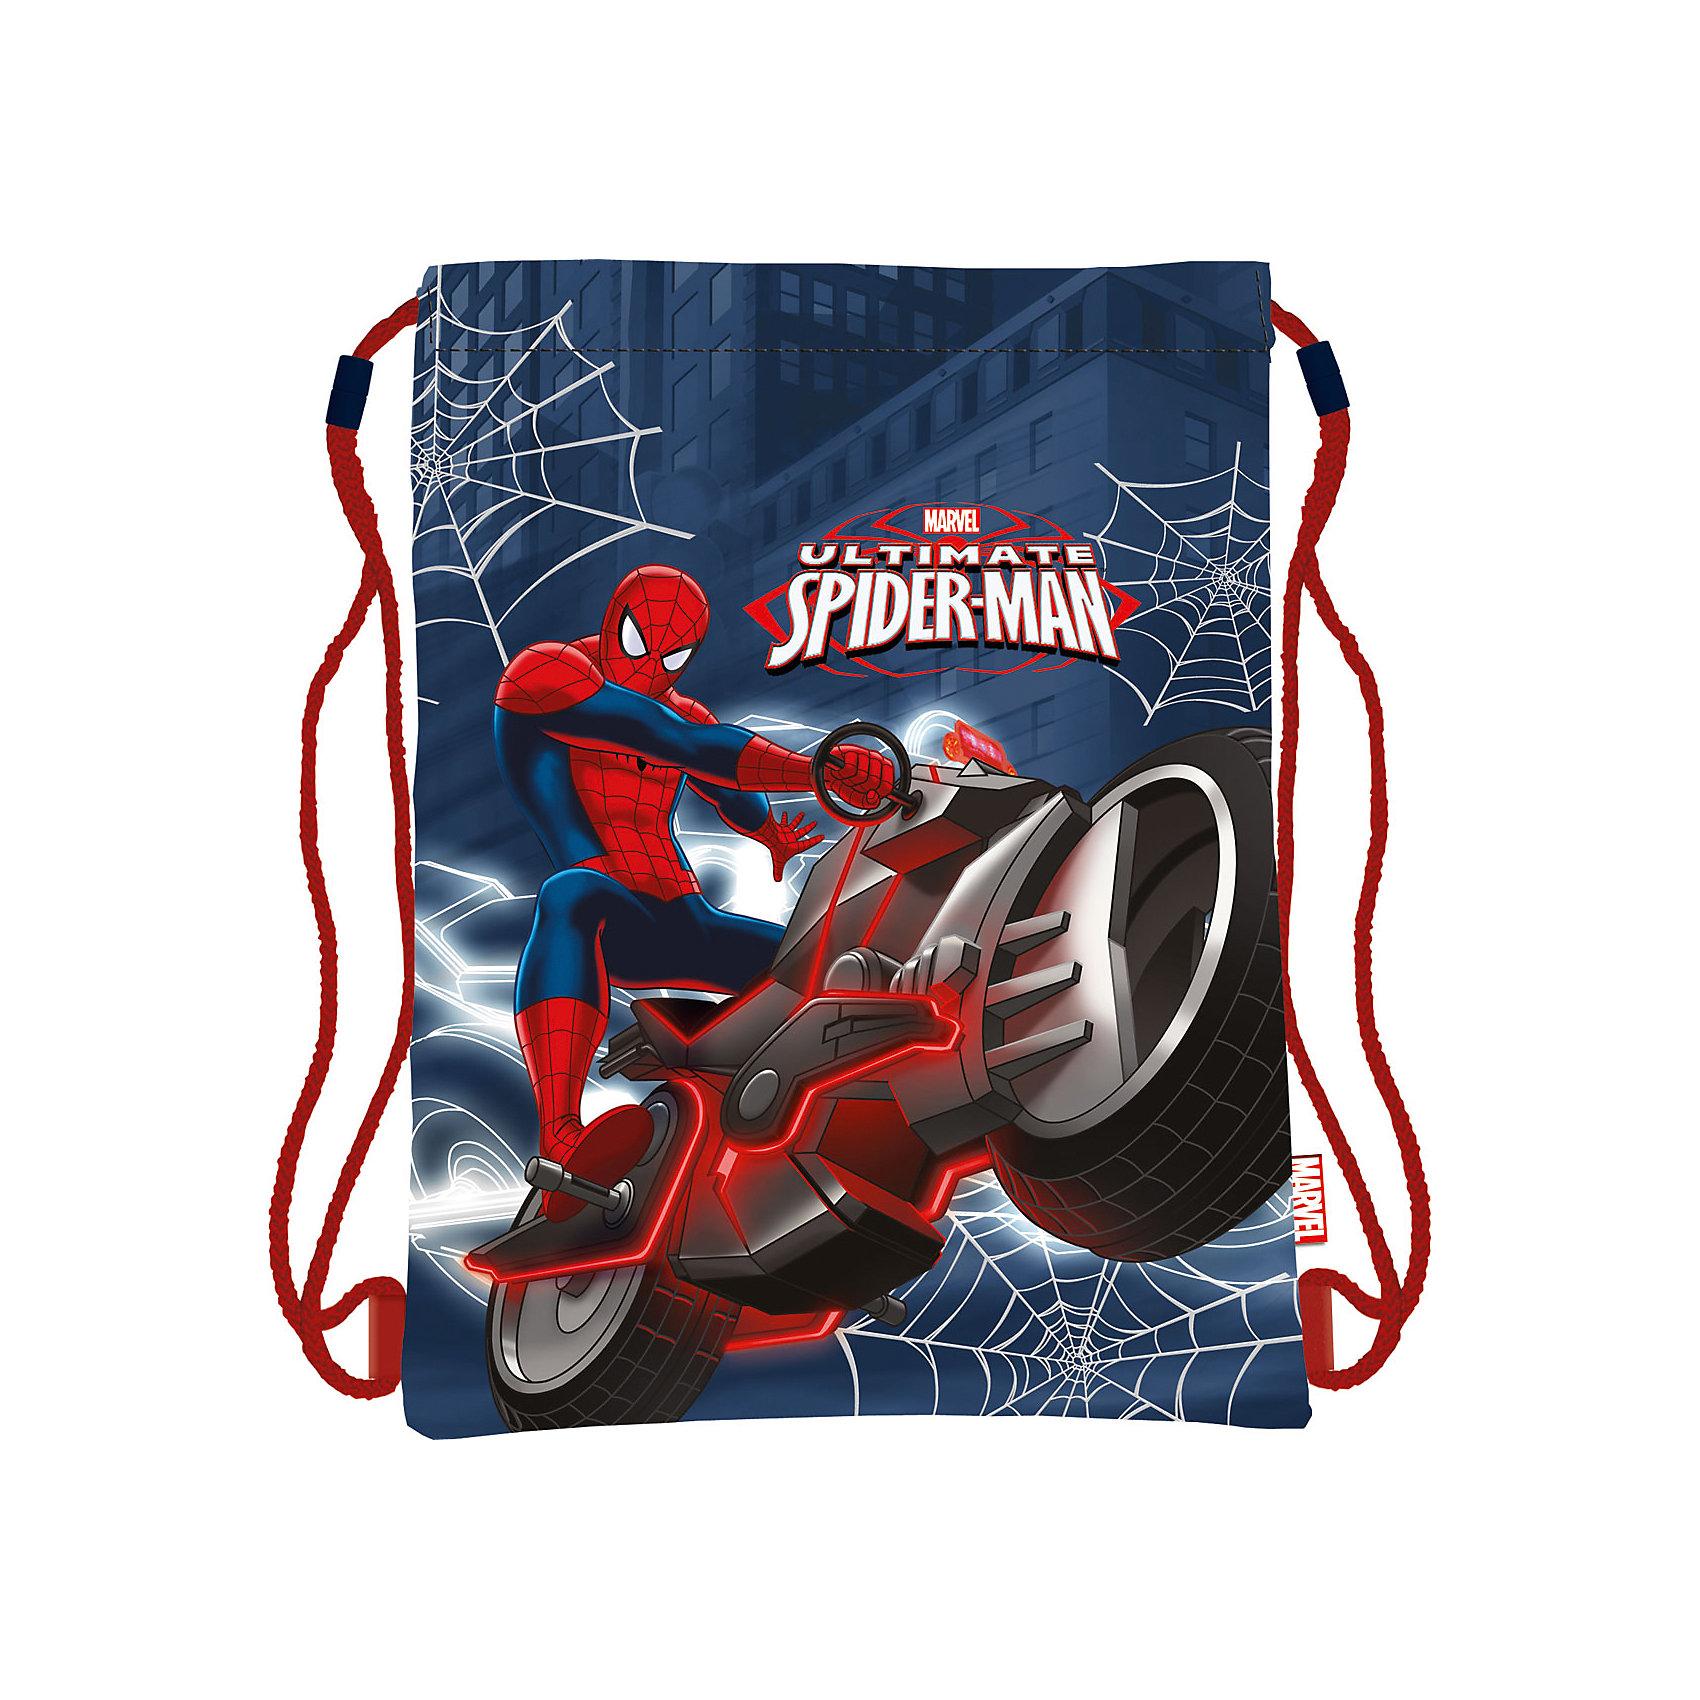 Мешок для обуви Человек-ПаукМешок для обуви Человек-Паук идеально подойдет для сменной обуви маленького школьника и для физкультурной формы. Сумка изготовлена из прочного водоотталкивающего материала, по бокам затягивается специальными шнурками, выполняющими одновременно роль лямок. Имеет яркий оригинальный дизайн с изображением популярного супергероя Человека-паука ( Spider-man).<br><br>Дополнительная информация:<br><br>- Материал: полиэстер.<br>- Размер мешка: 34 х 43 см.<br>- Вес: 71 гр. <br><br>Мешок для обуви Человек-Паук, Spider-man, можно купить в нашем интернет-магазине.<br><br>Ширина мм: 160<br>Глубина мм: 180<br>Высота мм: 15<br>Вес г: 71<br>Возраст от месяцев: 36<br>Возраст до месяцев: 144<br>Пол: Мужской<br>Возраст: Детский<br>SKU: 4413570